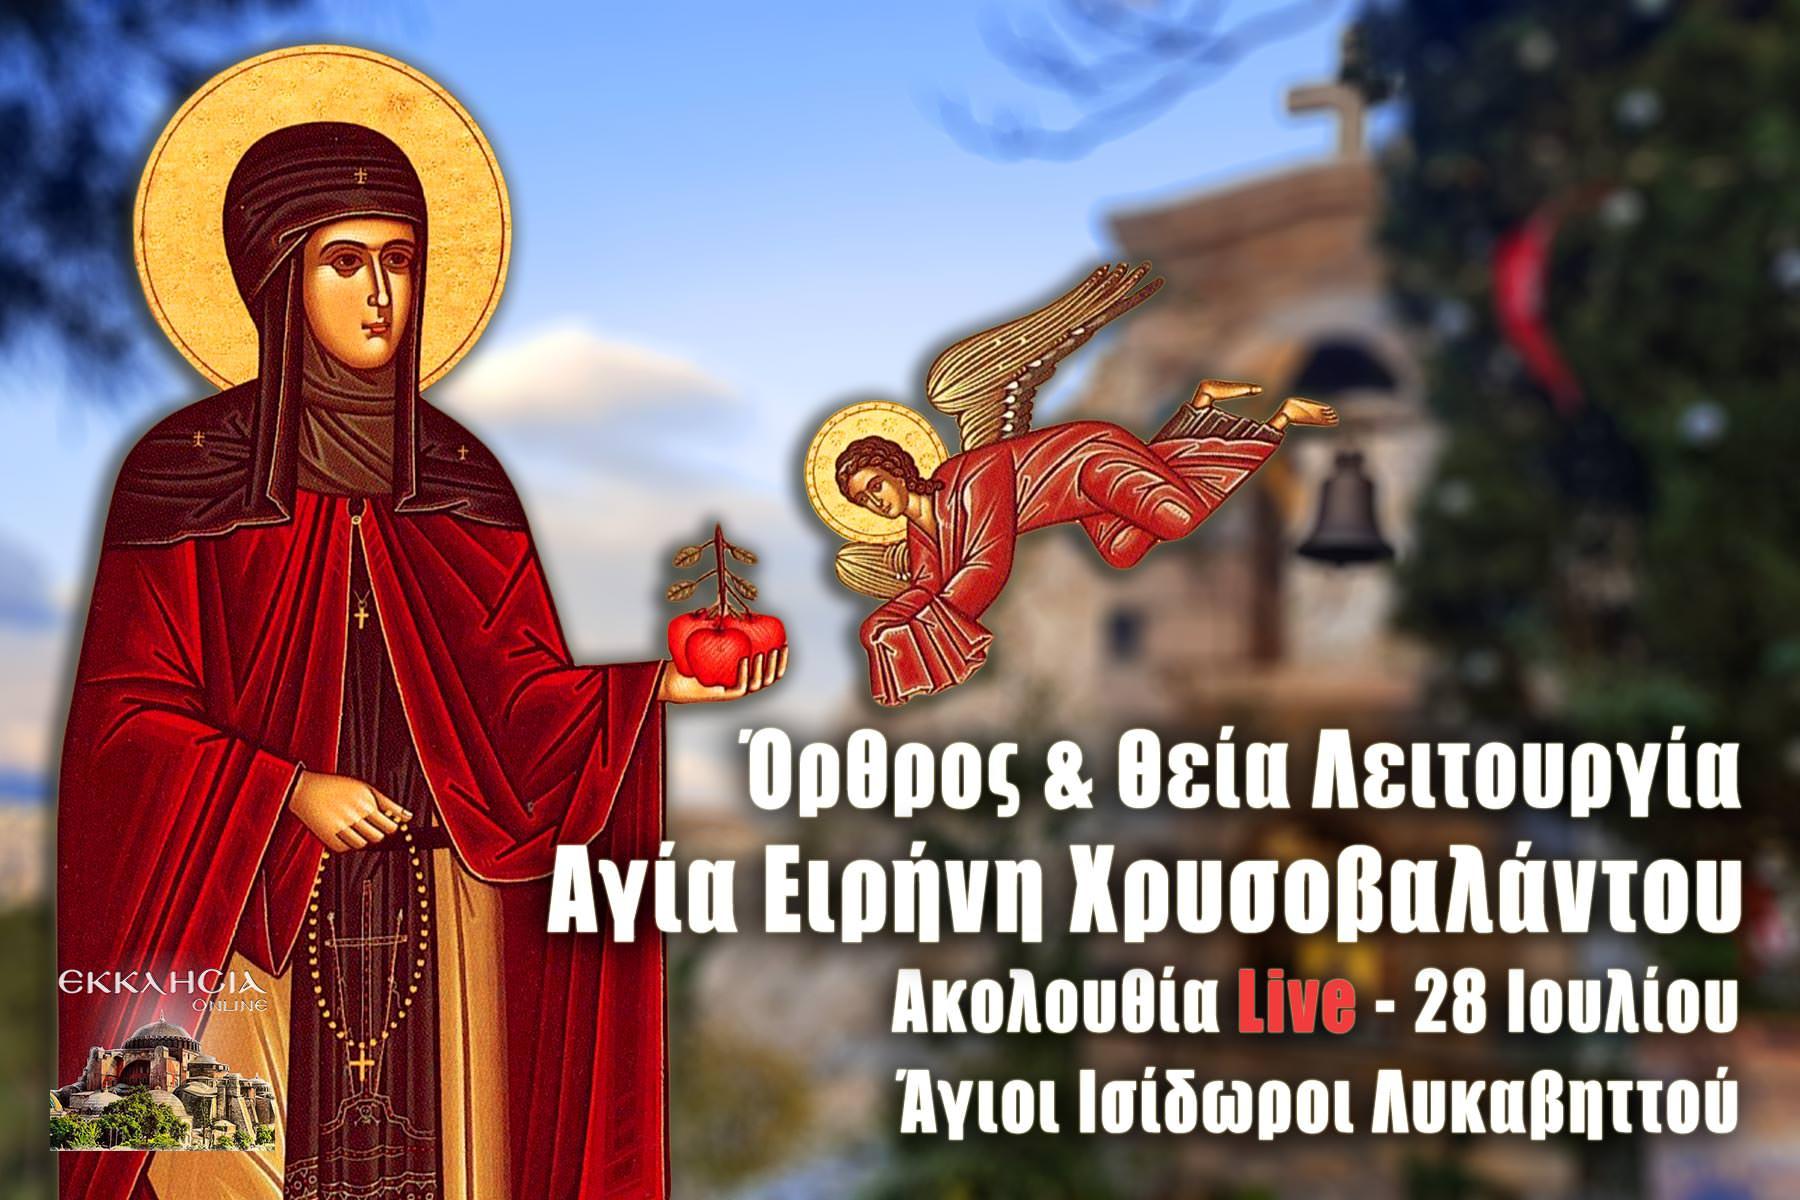 Οσία Ειρήνη η Χρυσοβαλάντου Λυκαβηττός Θεία Λειτουργία